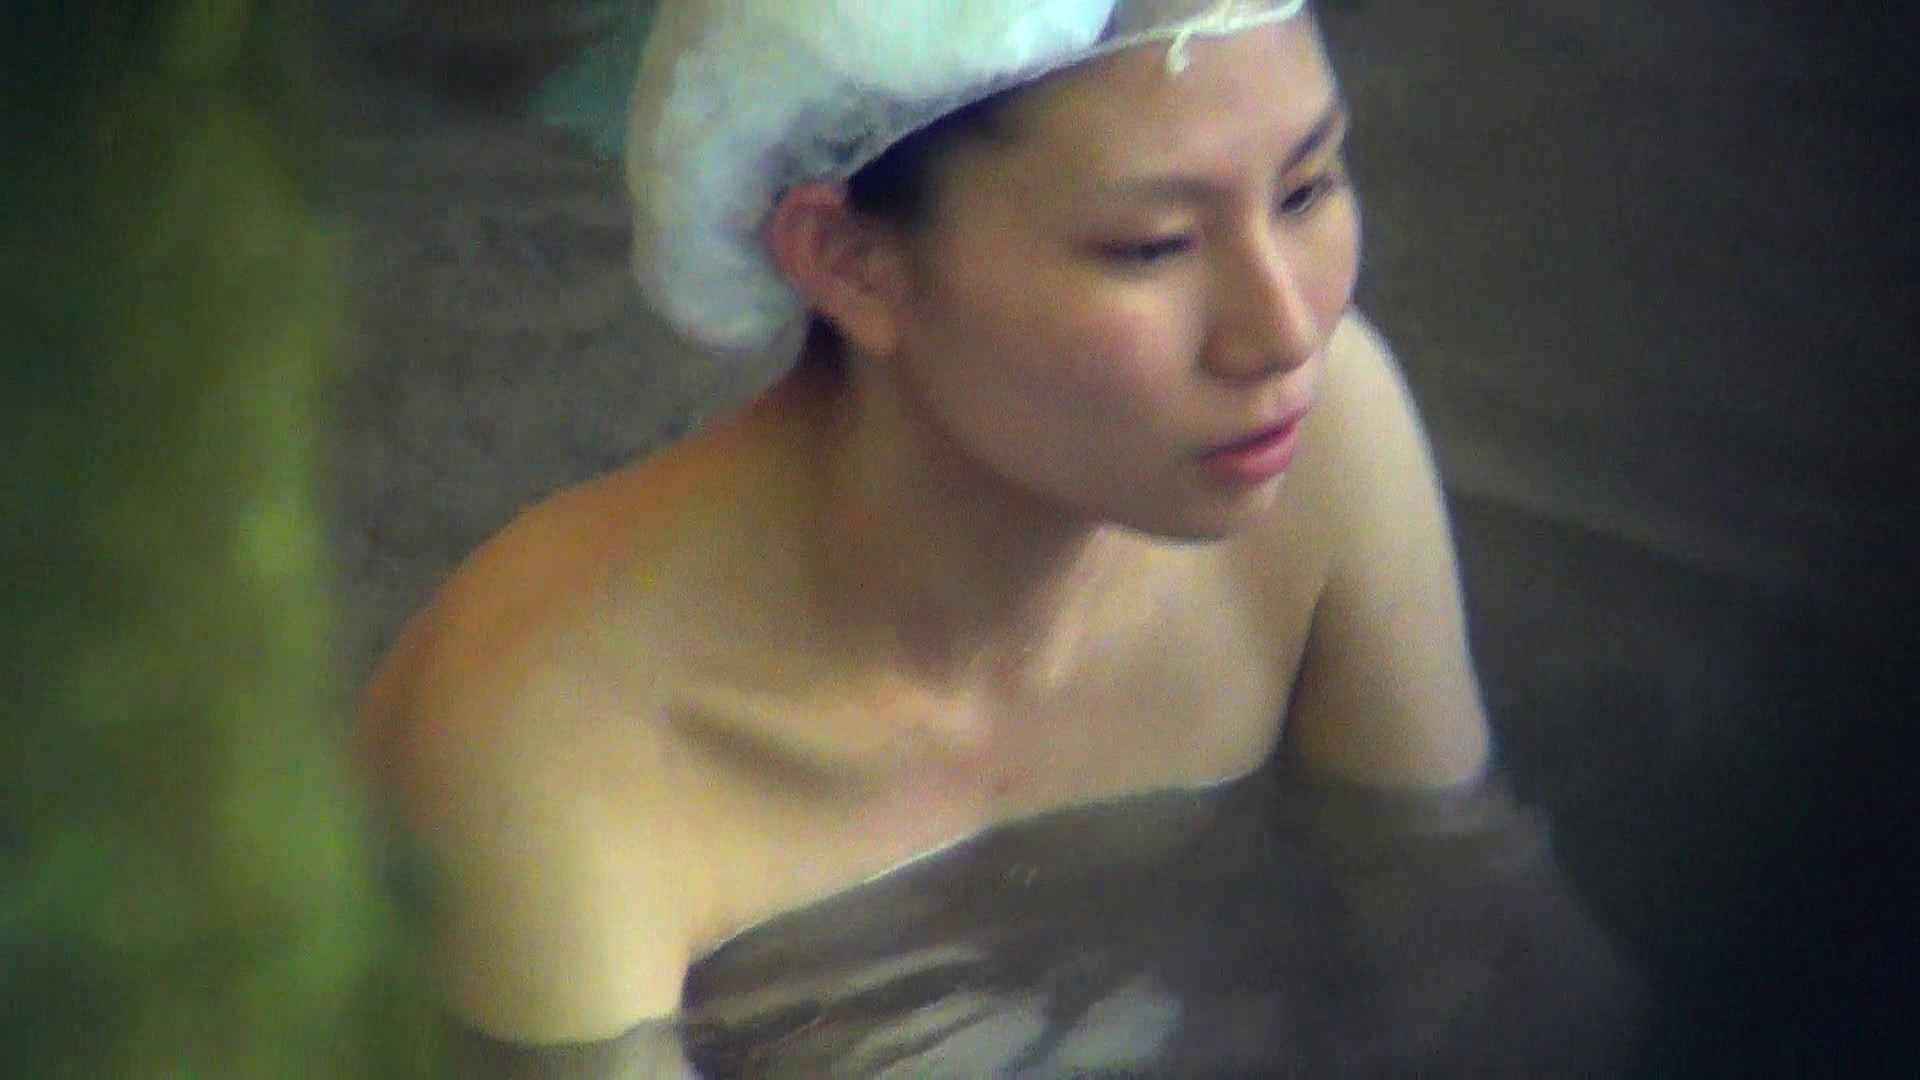 Vol.43 ヘアキャップをしても美しい中性的美女simai お姉さん攻略  110画像 49